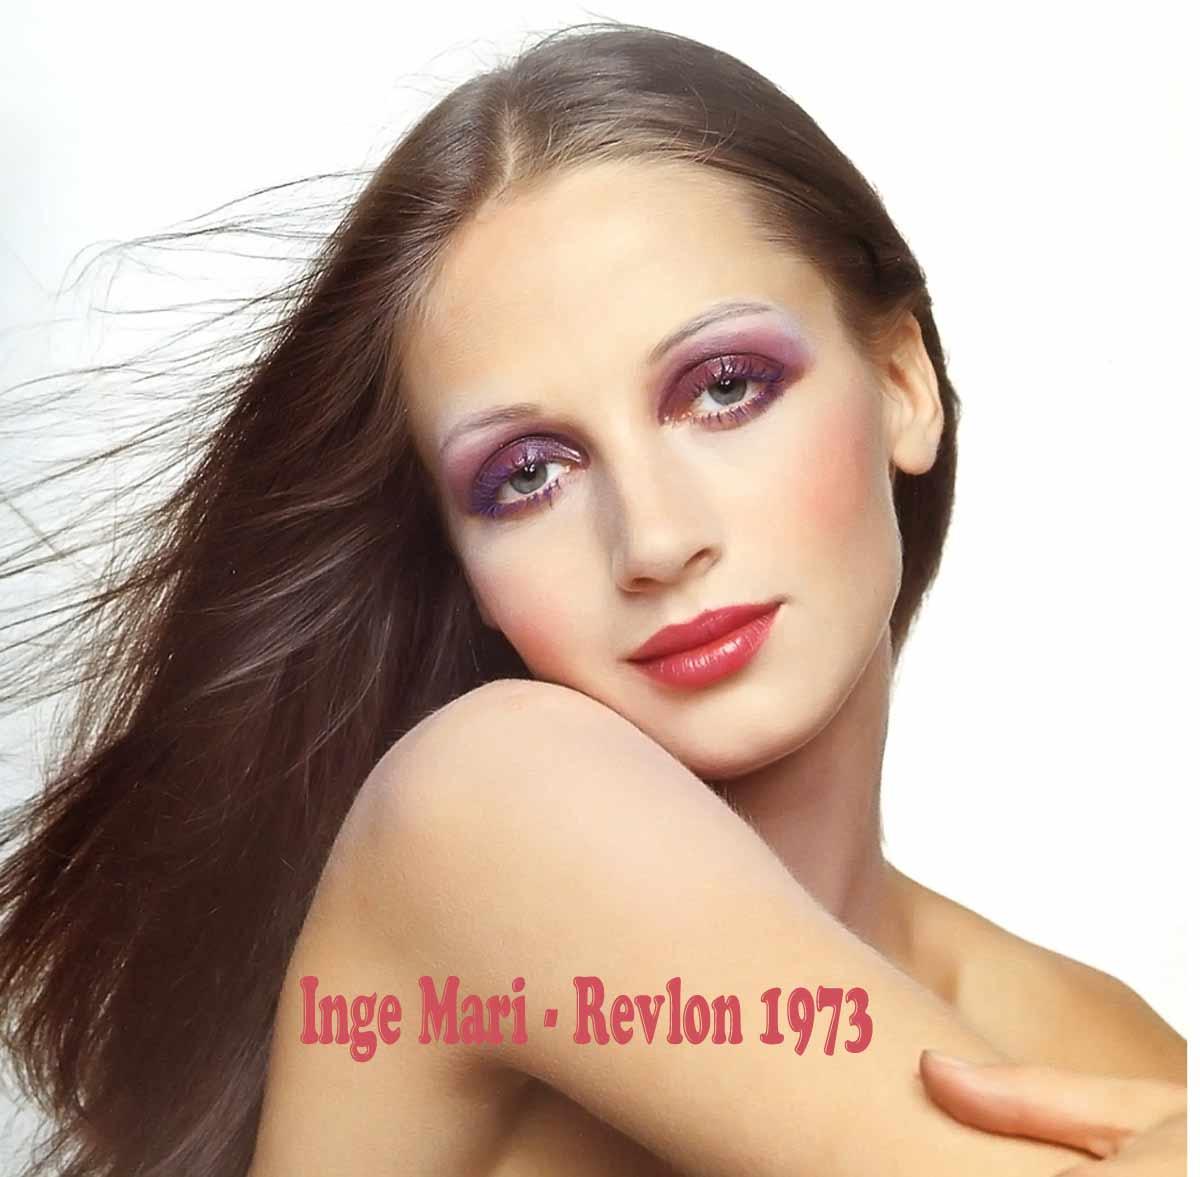 Inge-Mari---Revlon-1973